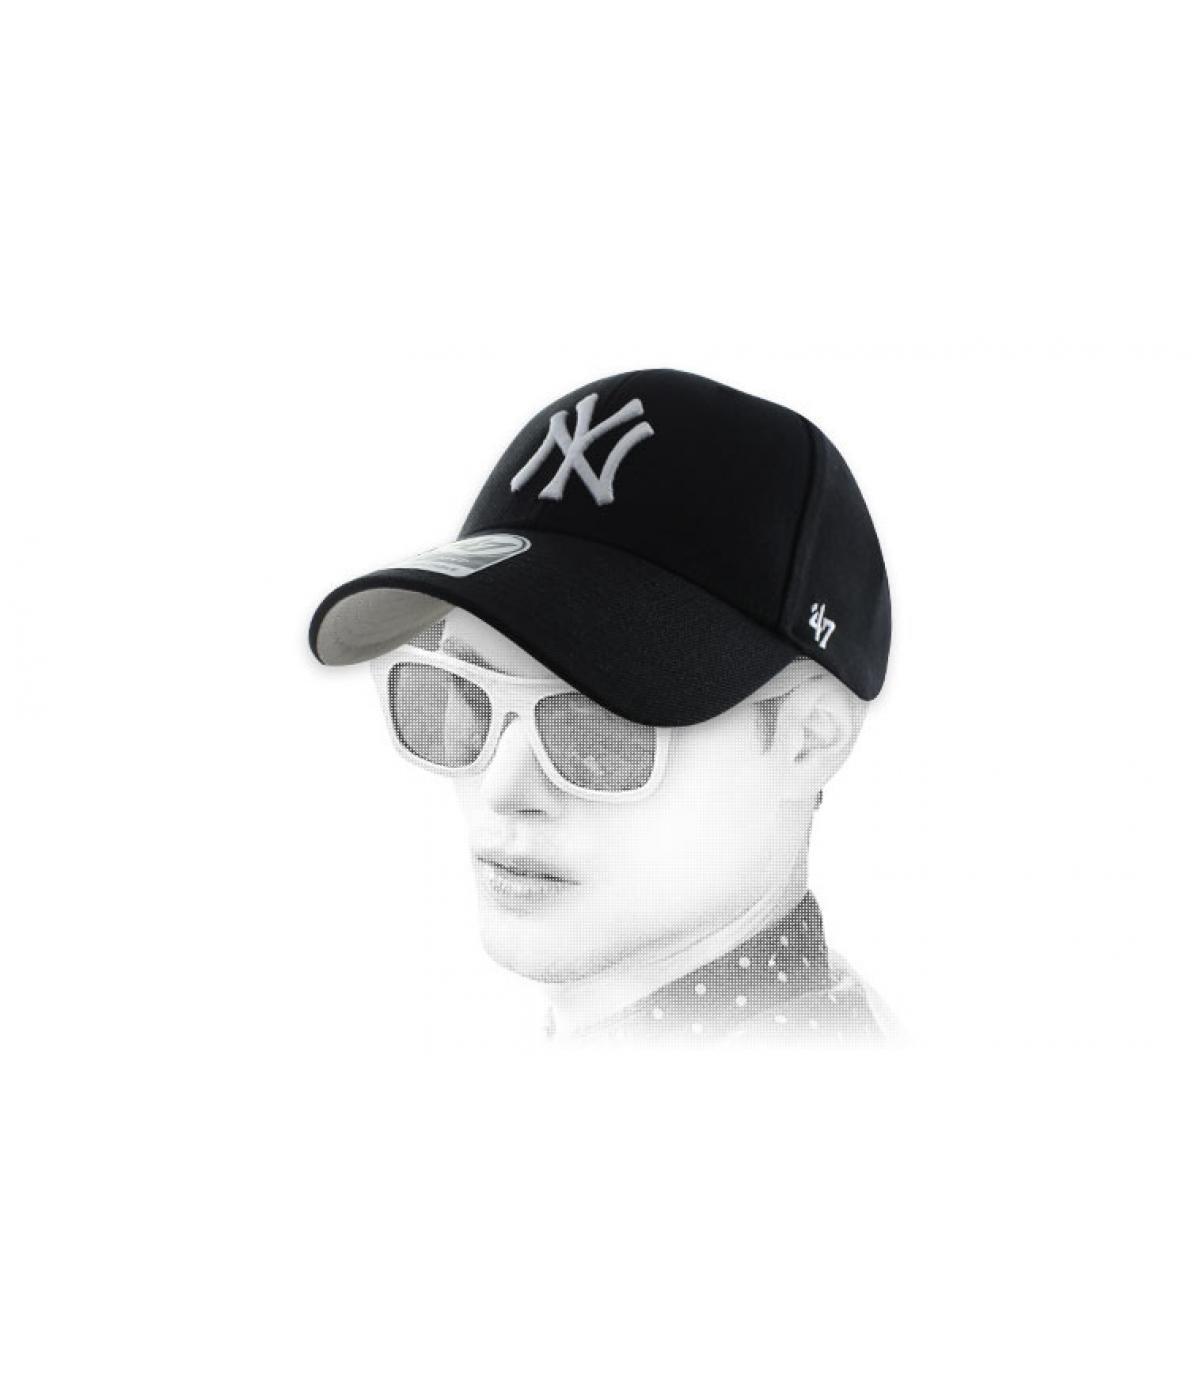 NY curva gorra negro 47 '